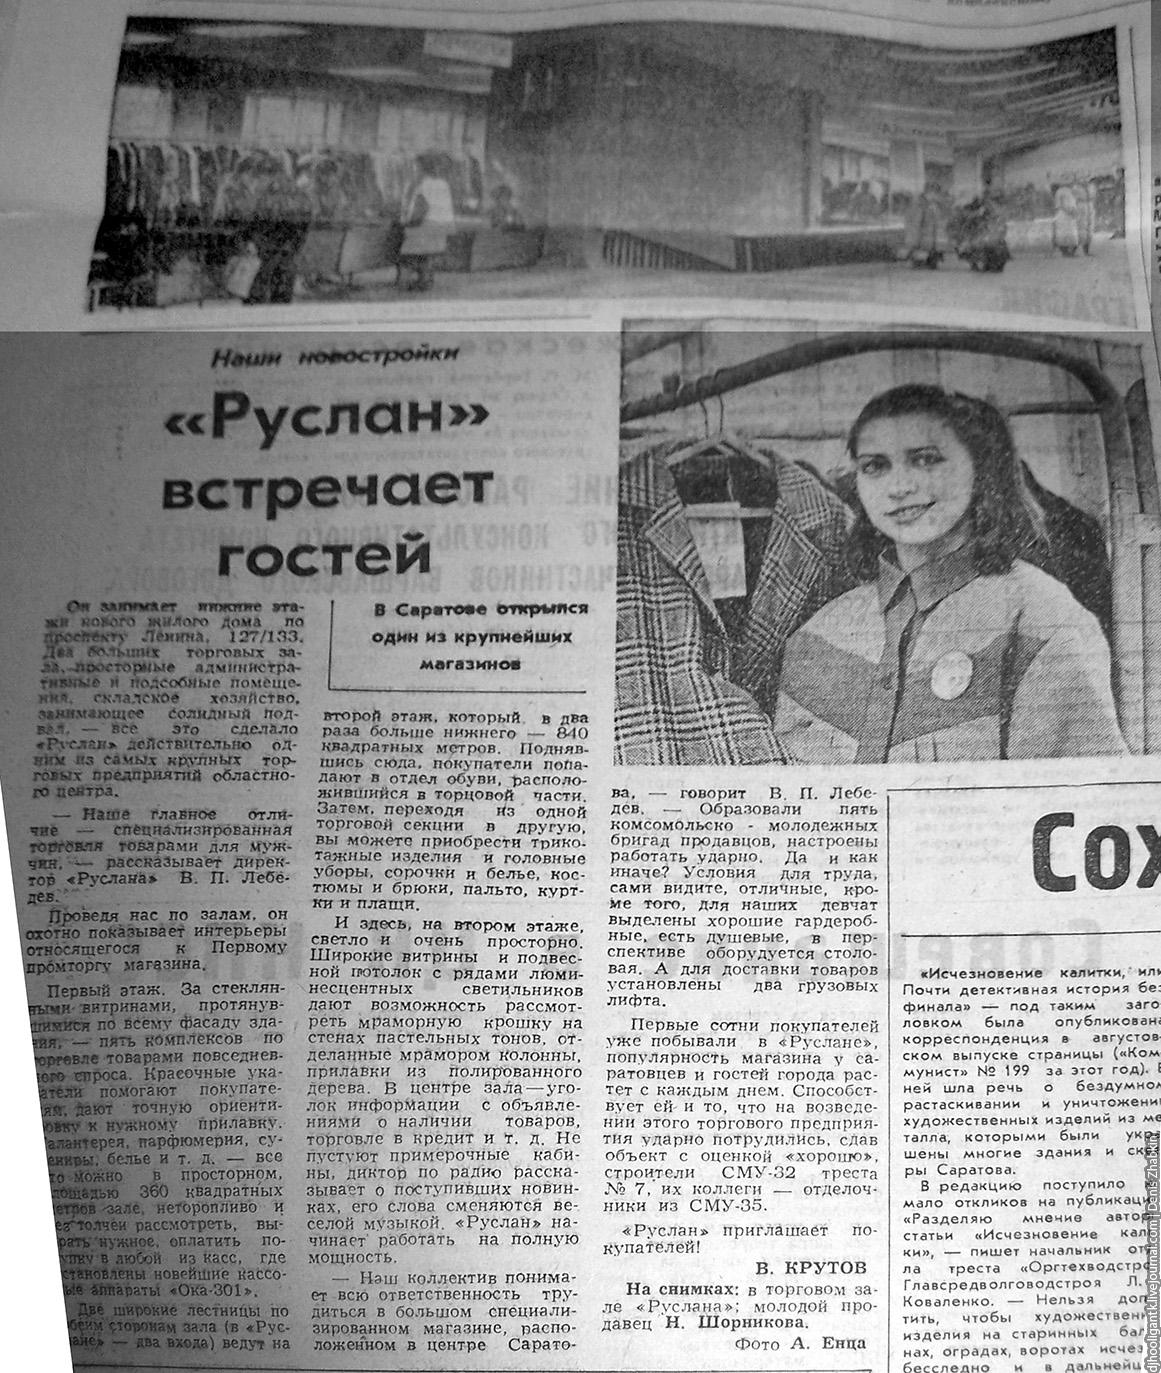 1985-руслан встречает гостей.jpg